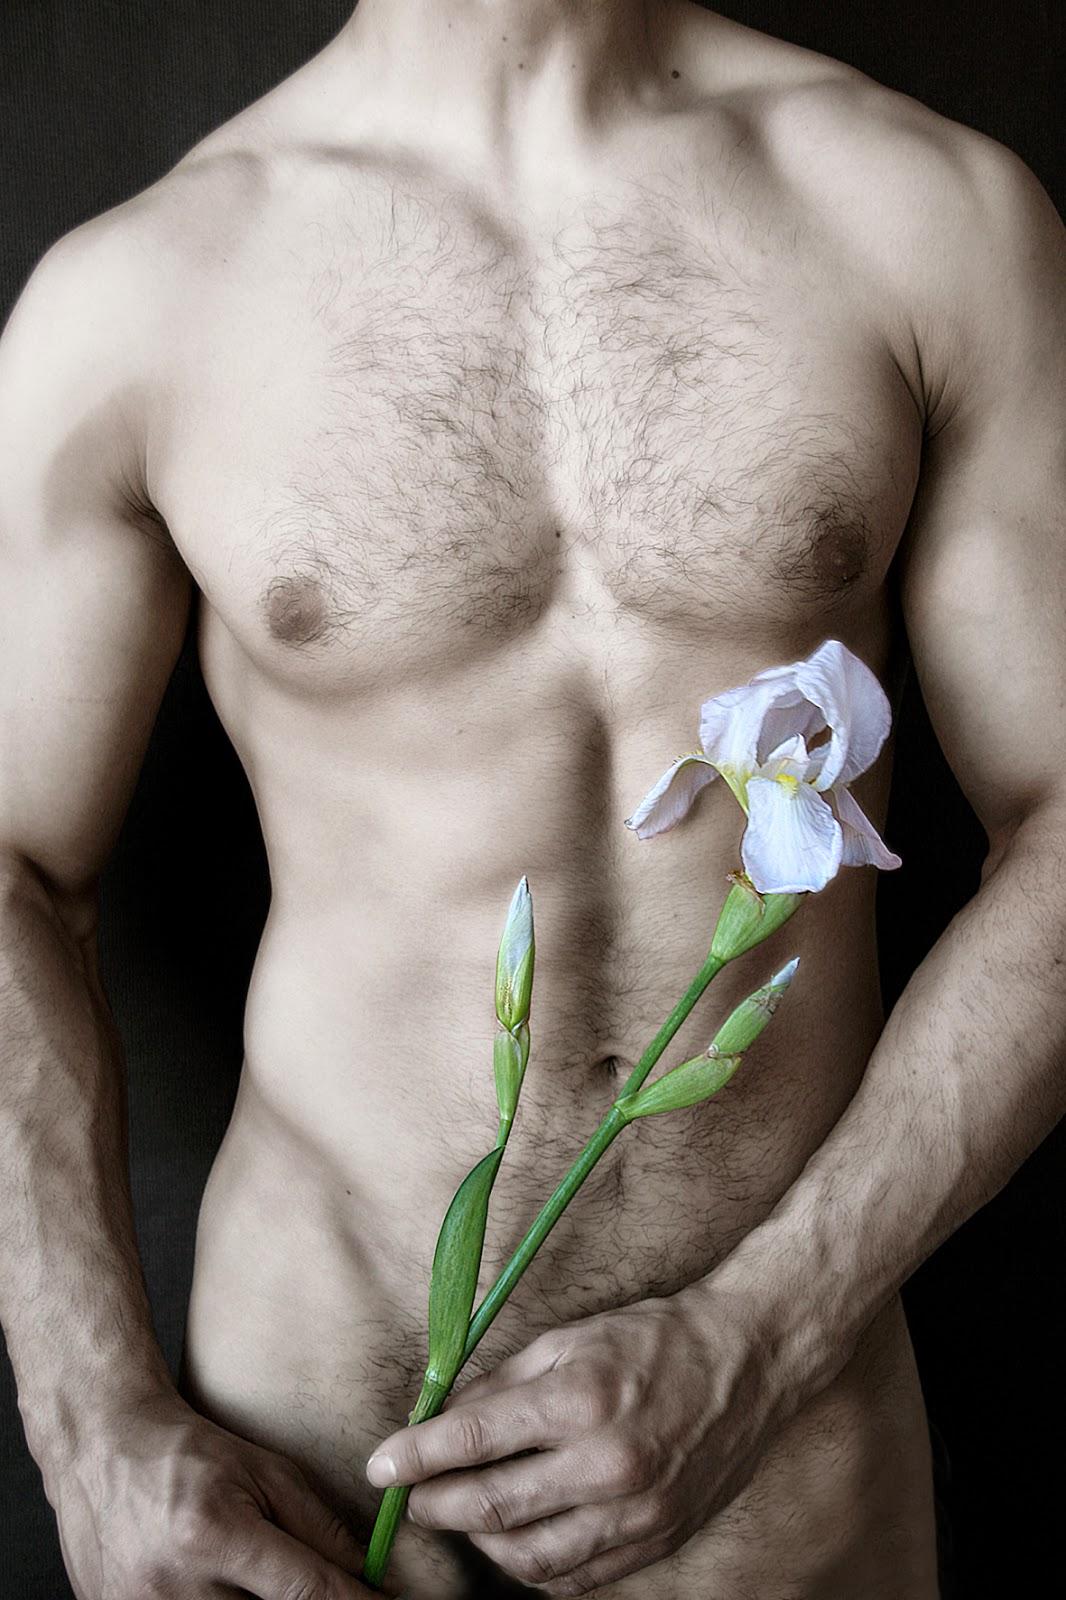 самый сексуальный букет цветов фото вот что касается